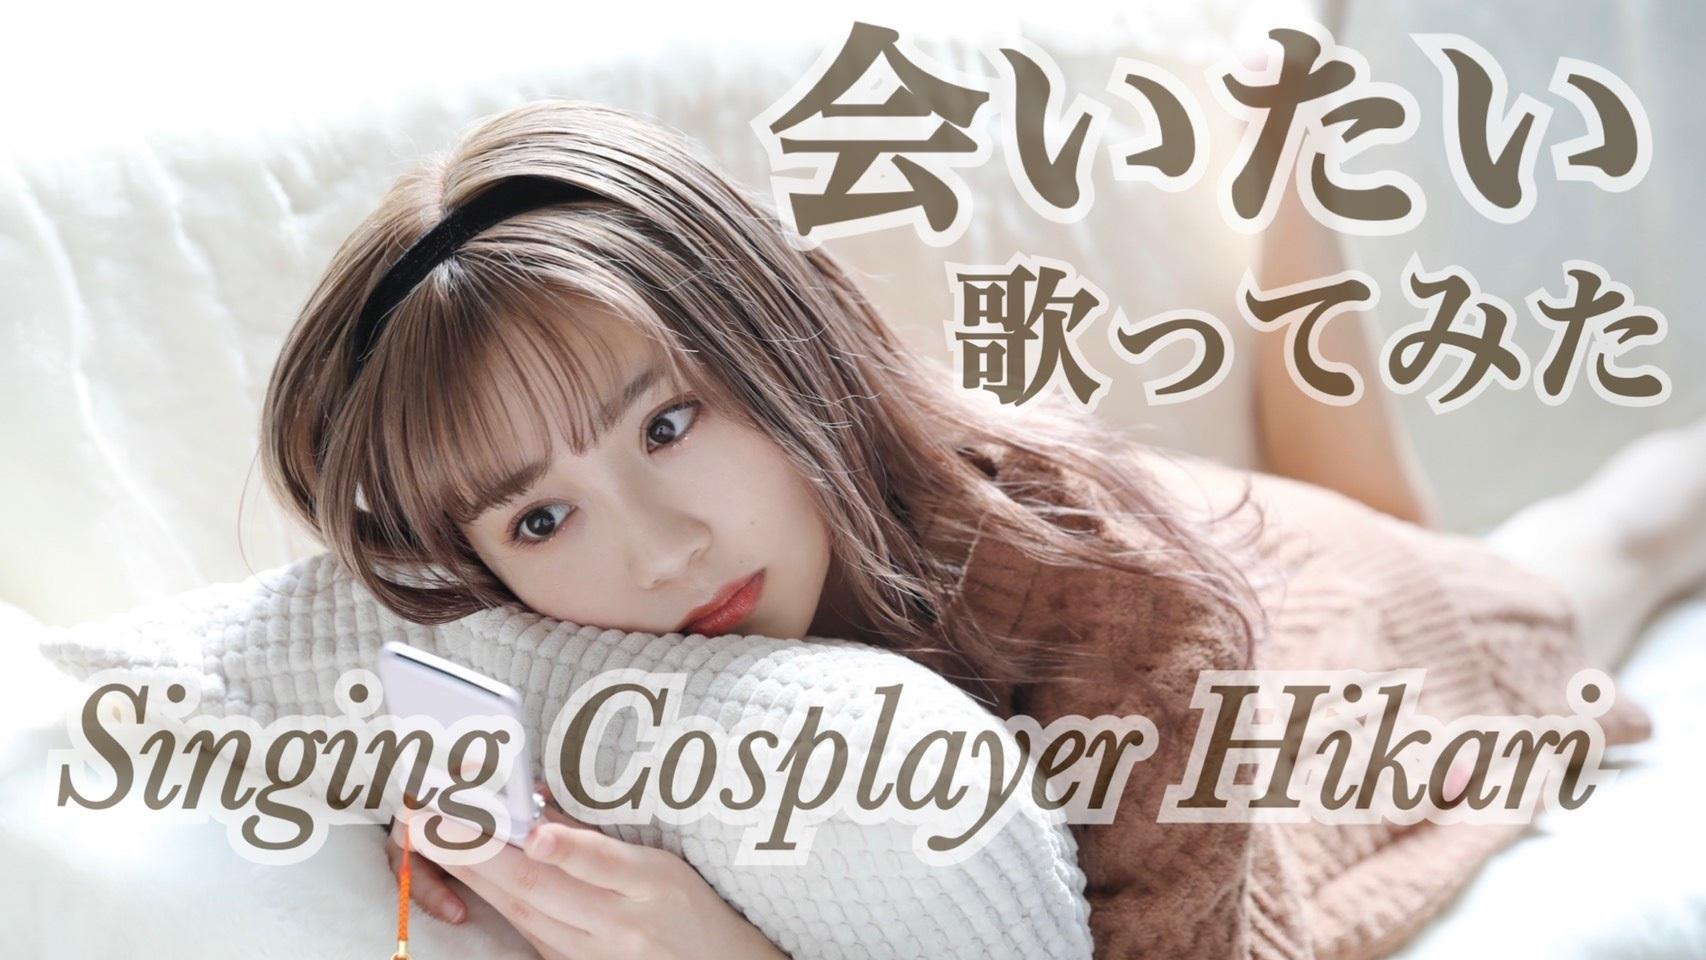 """Singing Cosplayer Hikari Rilis Video Lagu Cover Pertama di YouTube """"I Want to Meet You (I Want To See You / Aitai)"""" dari GUMI 4"""